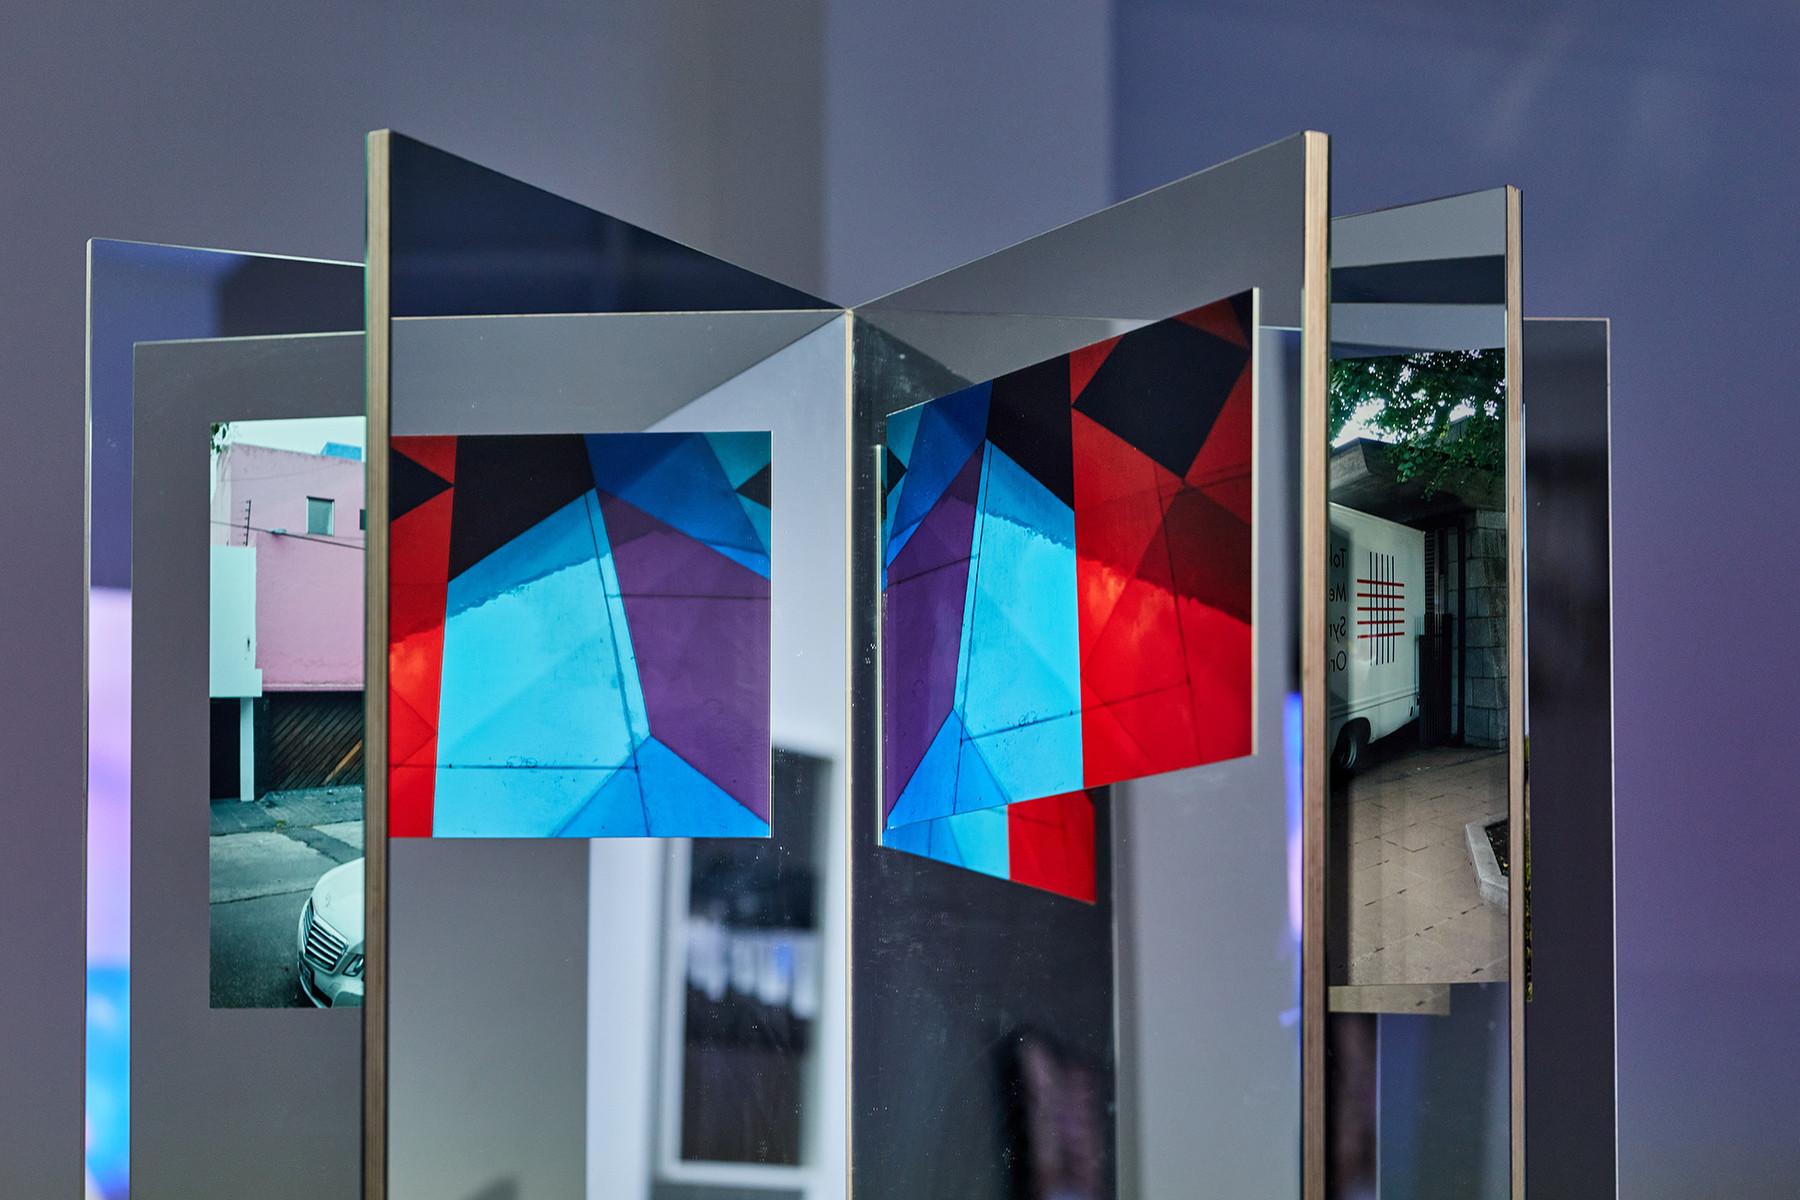 Andreas Fogarasi: Étoile (Red), 2018. plywood, mirror, C-Prints (detail). On the photo: Acrylic glass windows by Victor Vasarely, Parroquia del Senor de la Resurreccion, Mexico City (Juan Cortina del Valle, 1974) | photo: Dávid Biró